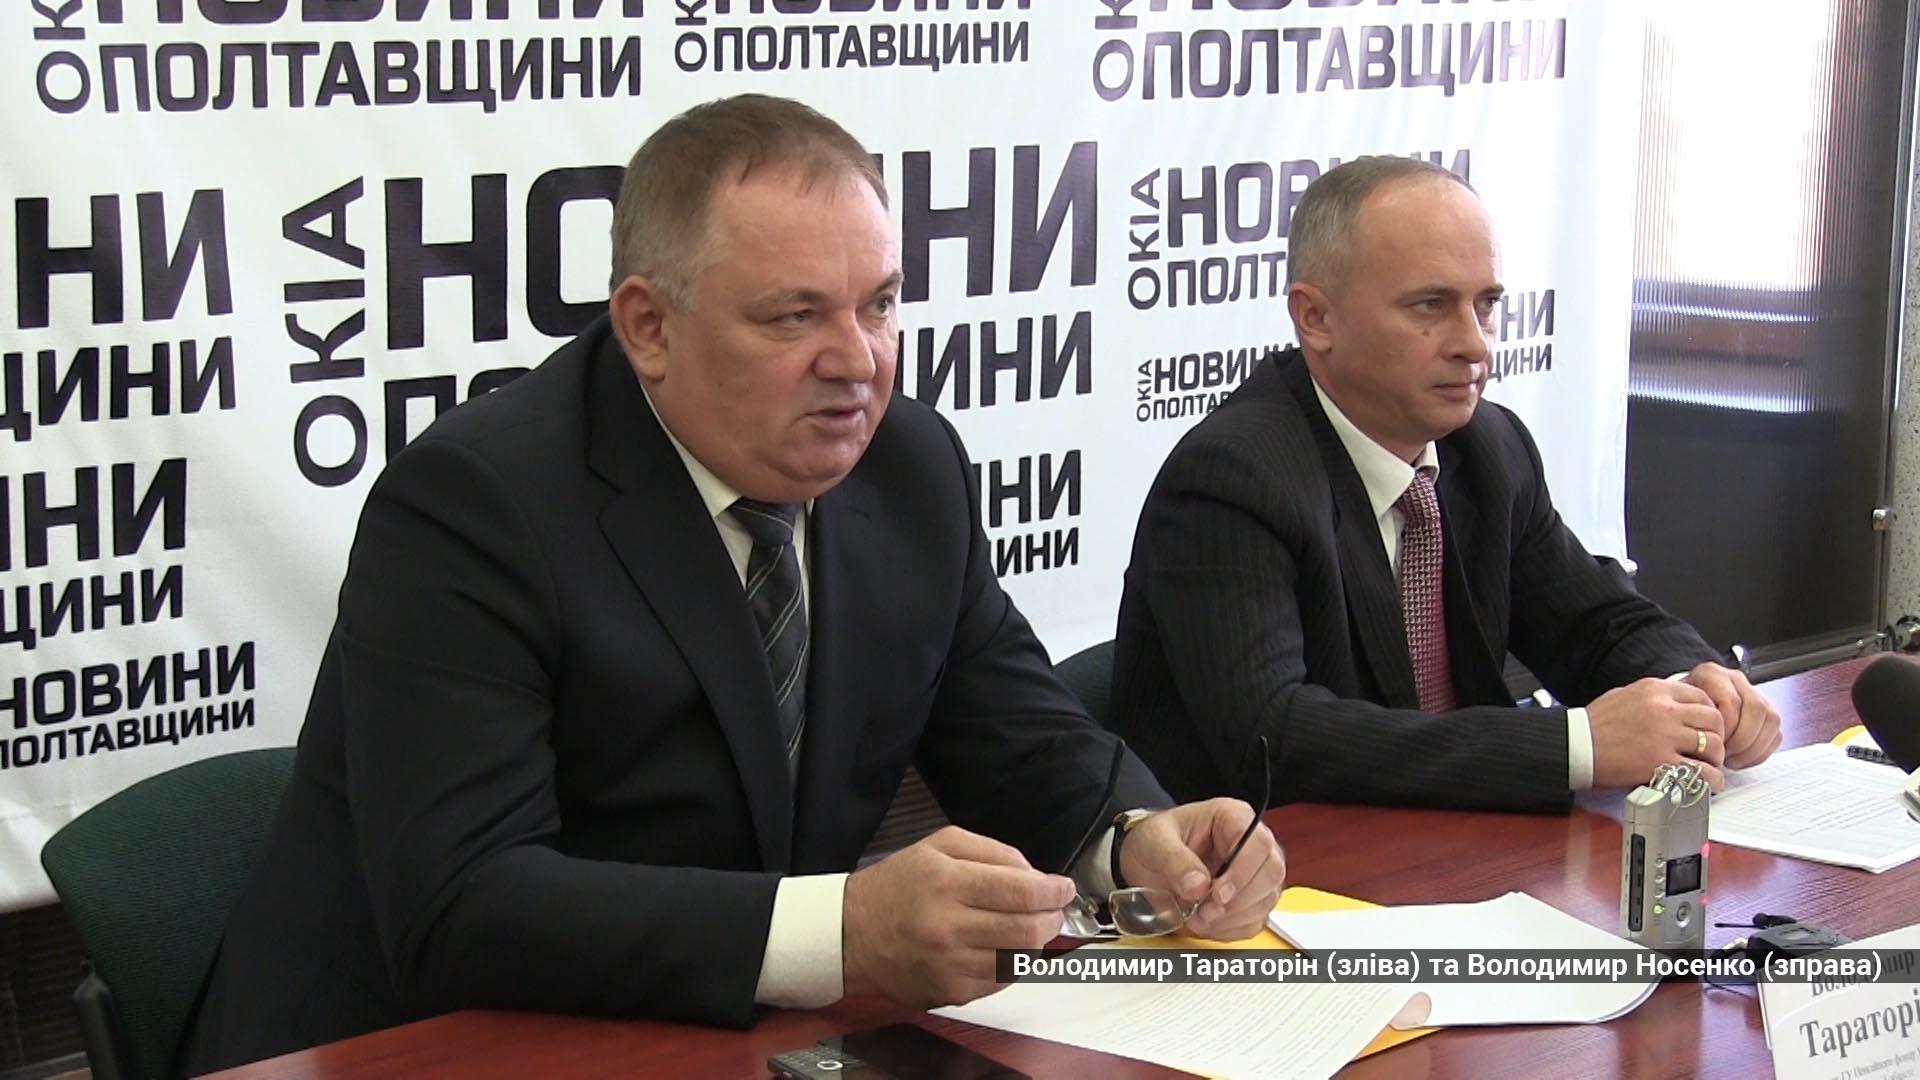 С 1 декабря в одном из украинских городов вырастут пенсии